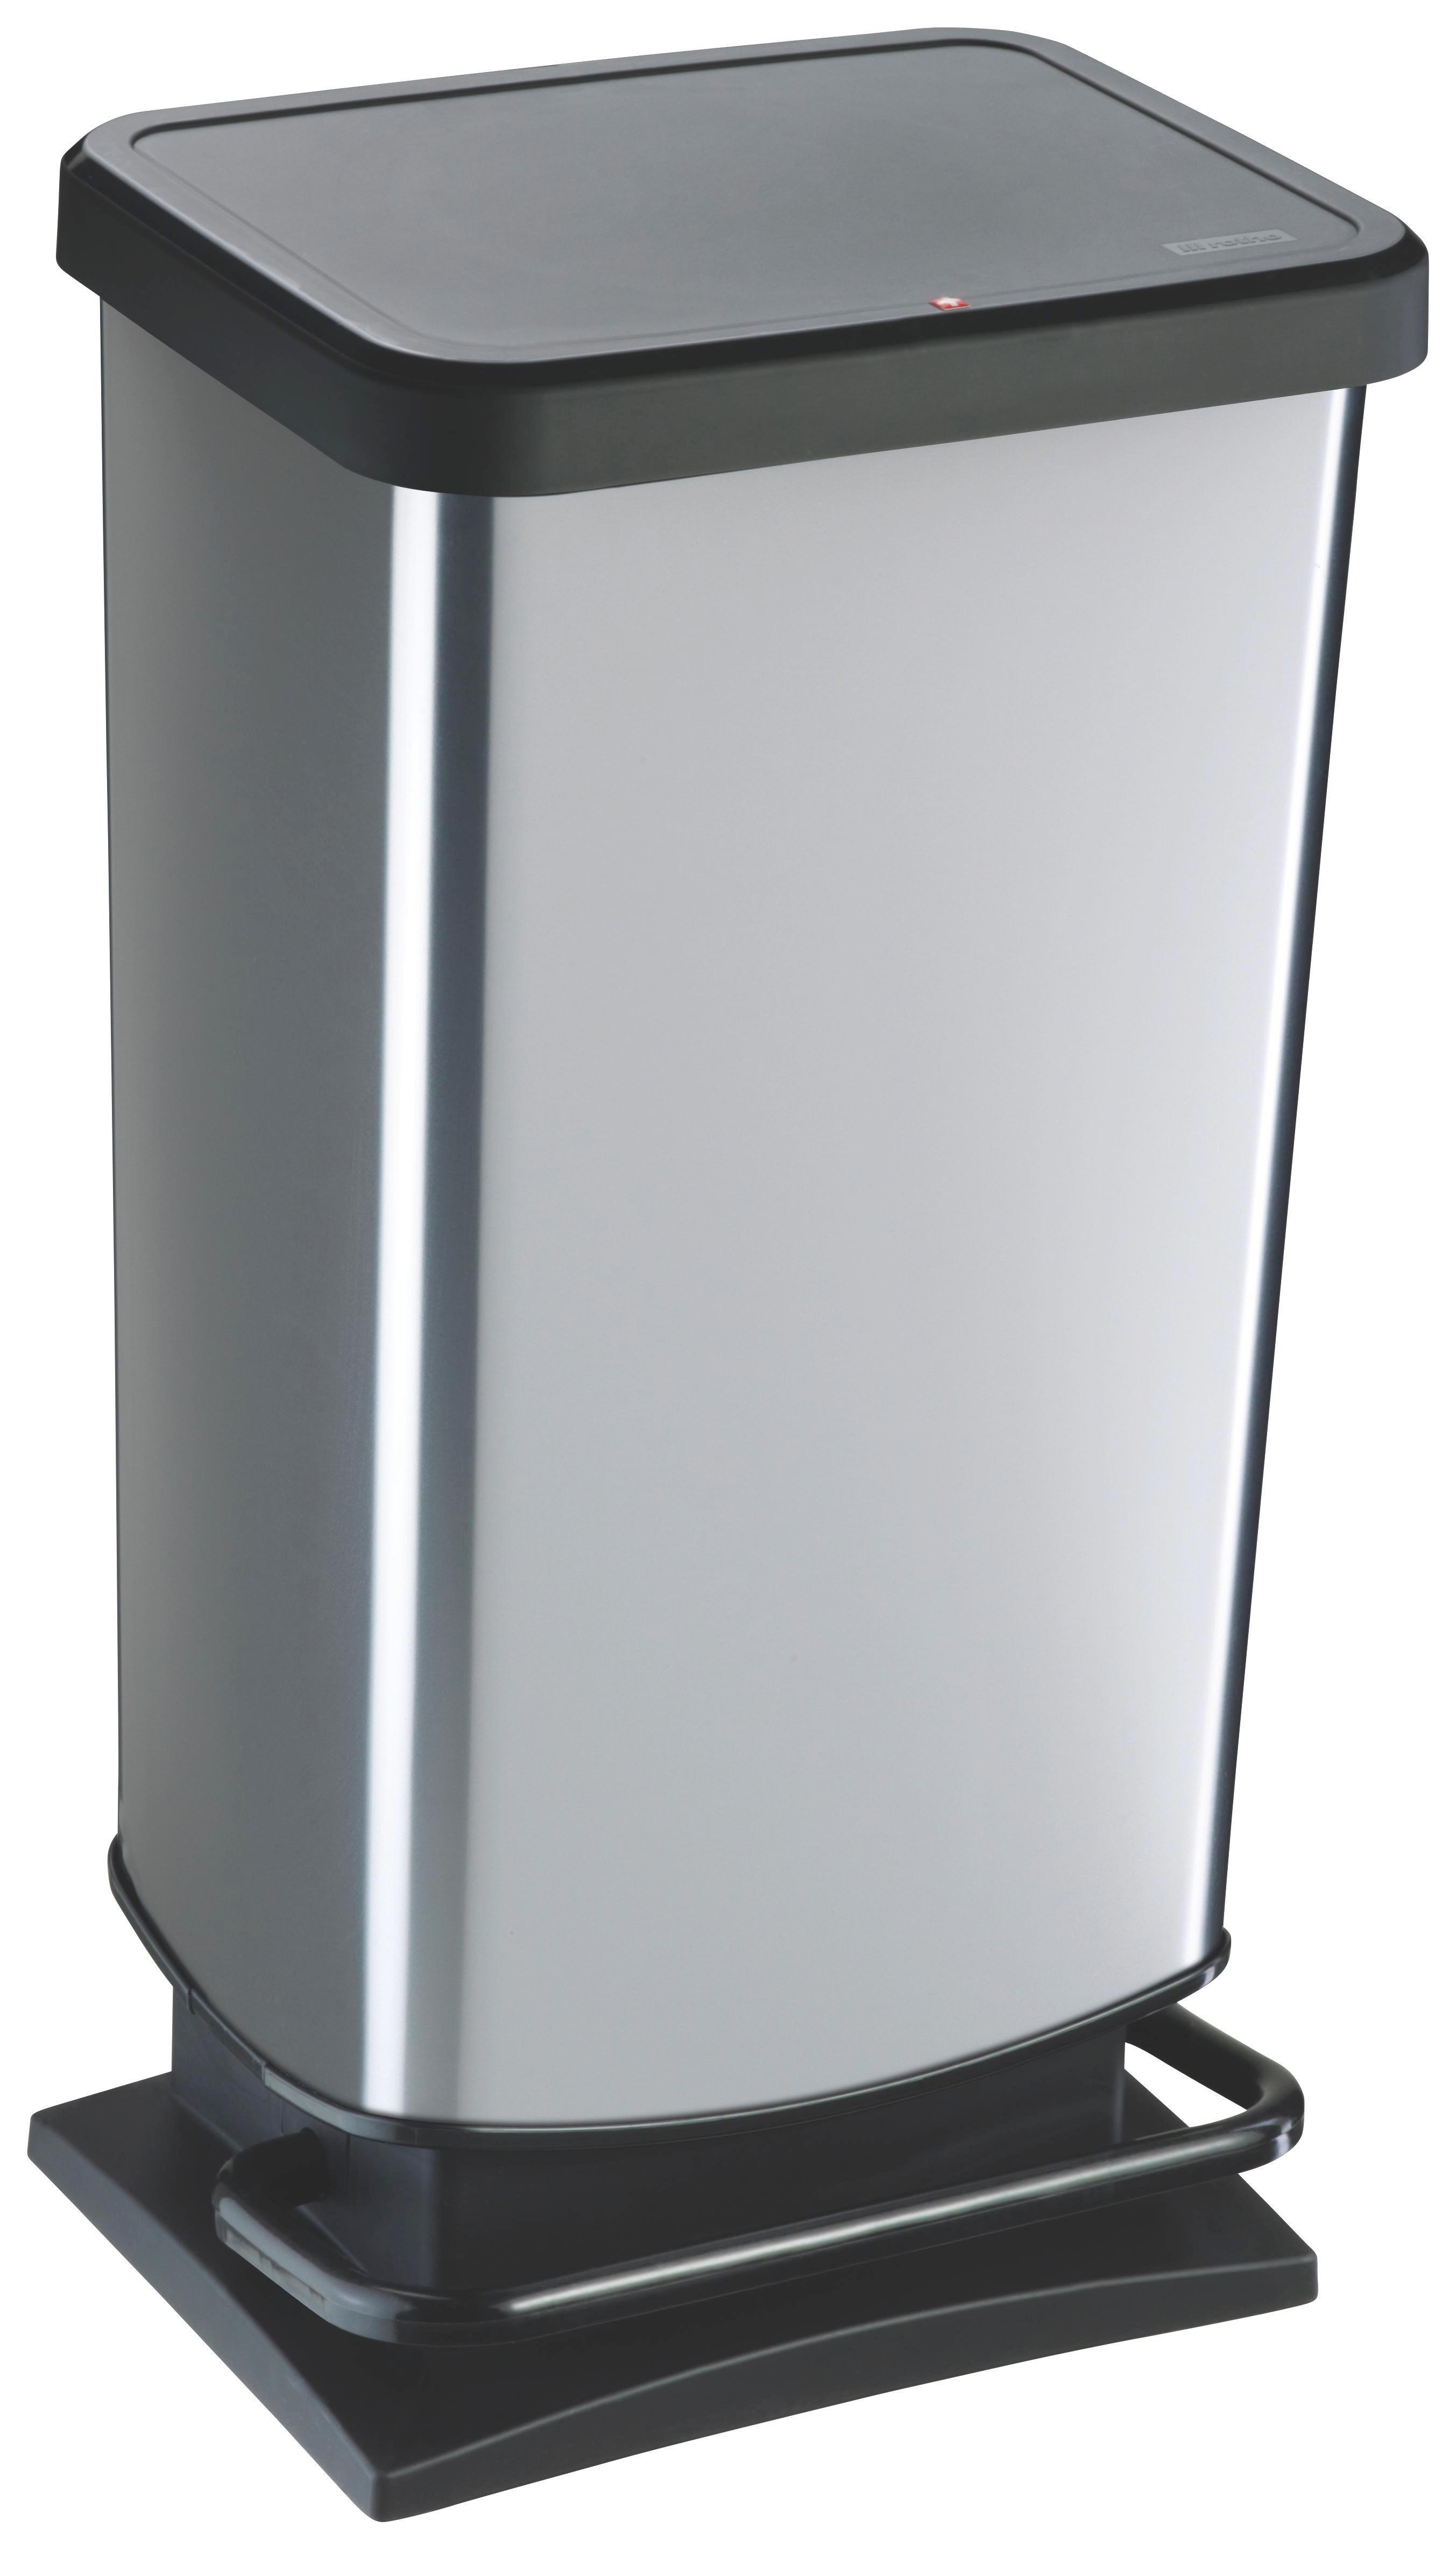 ABFALLEIMER - Silberfarben/Schwarz, Basics, Kunststoff (35,3/29,5/67,6cm)